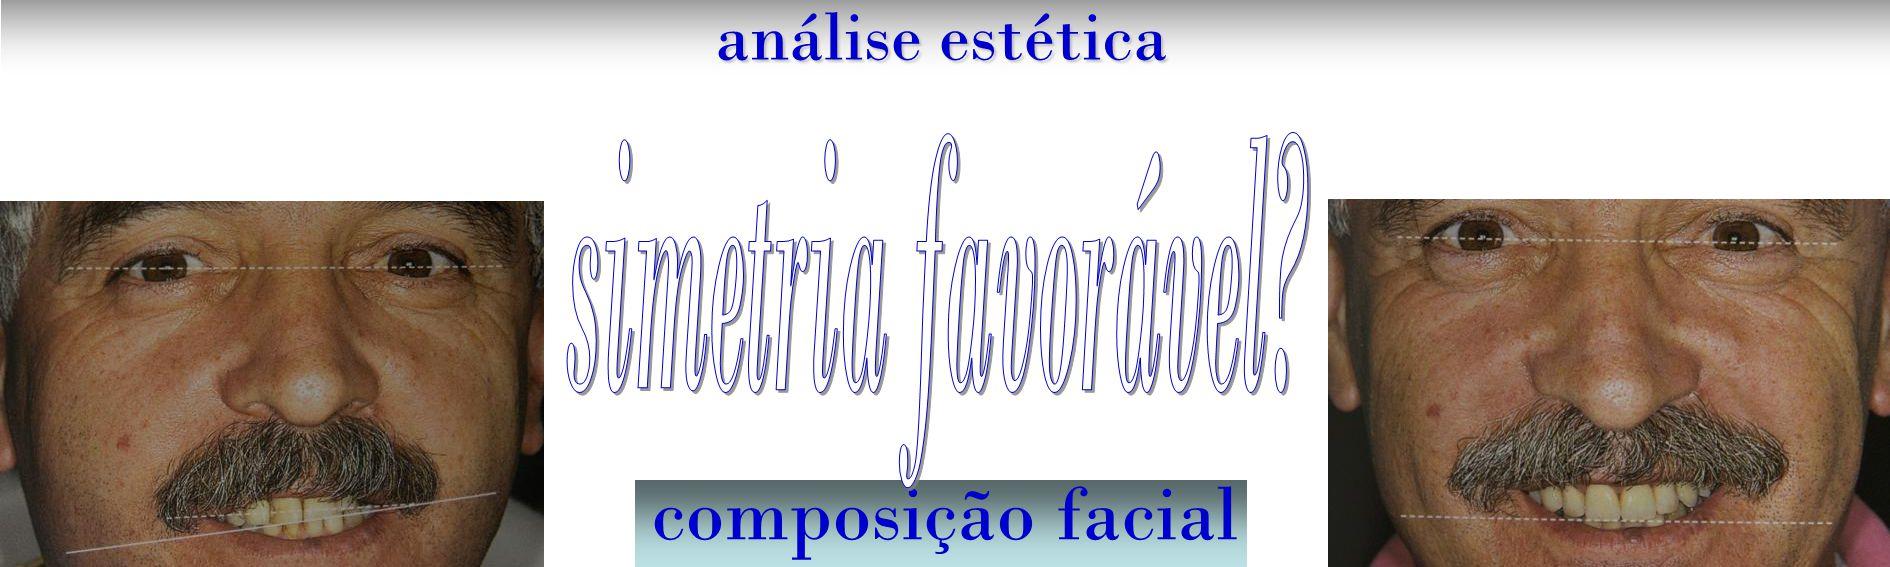 análise estética simetria favorável composição facial